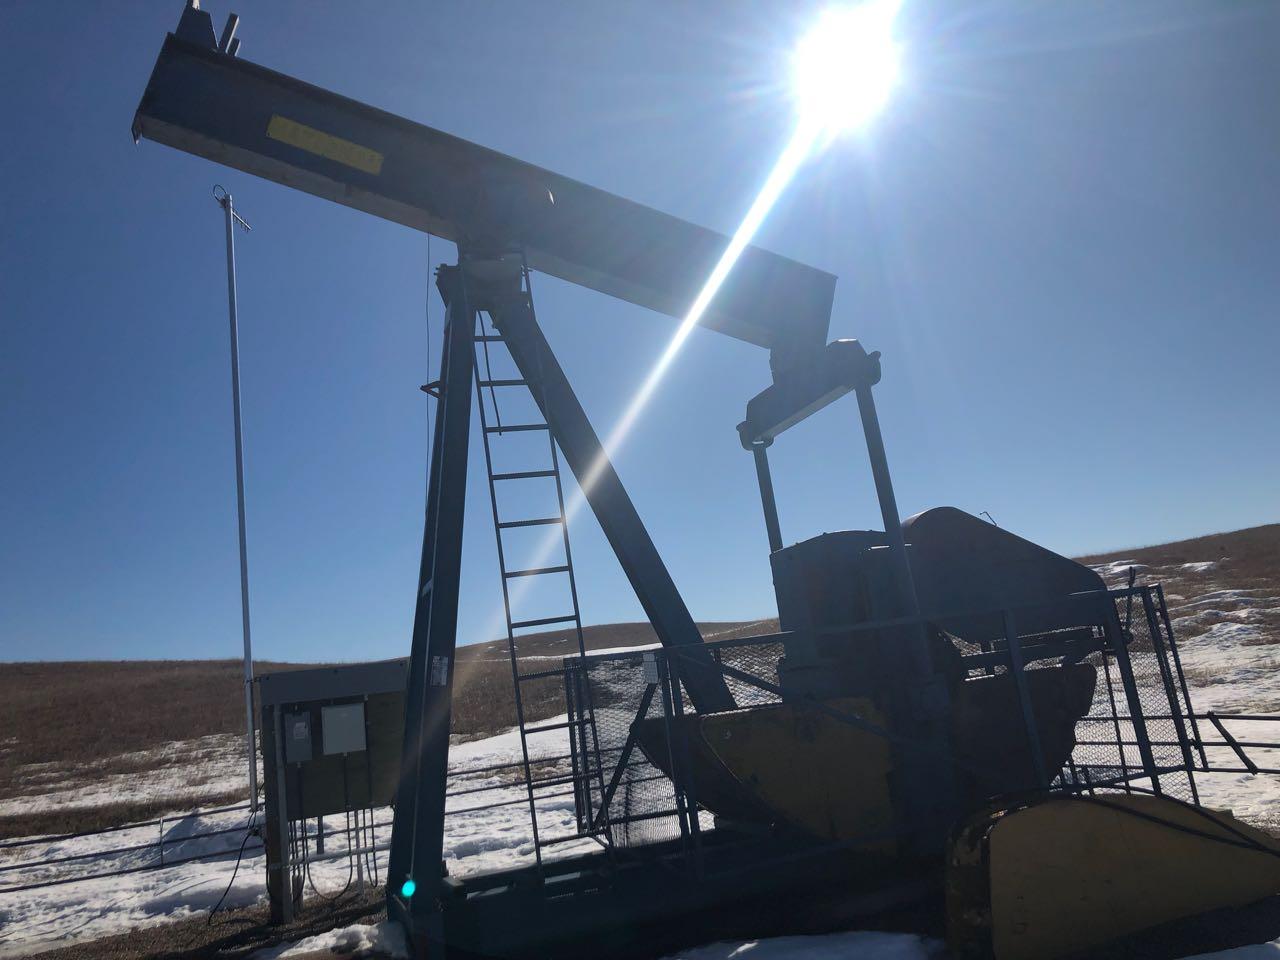 160-73-86 national pump jack